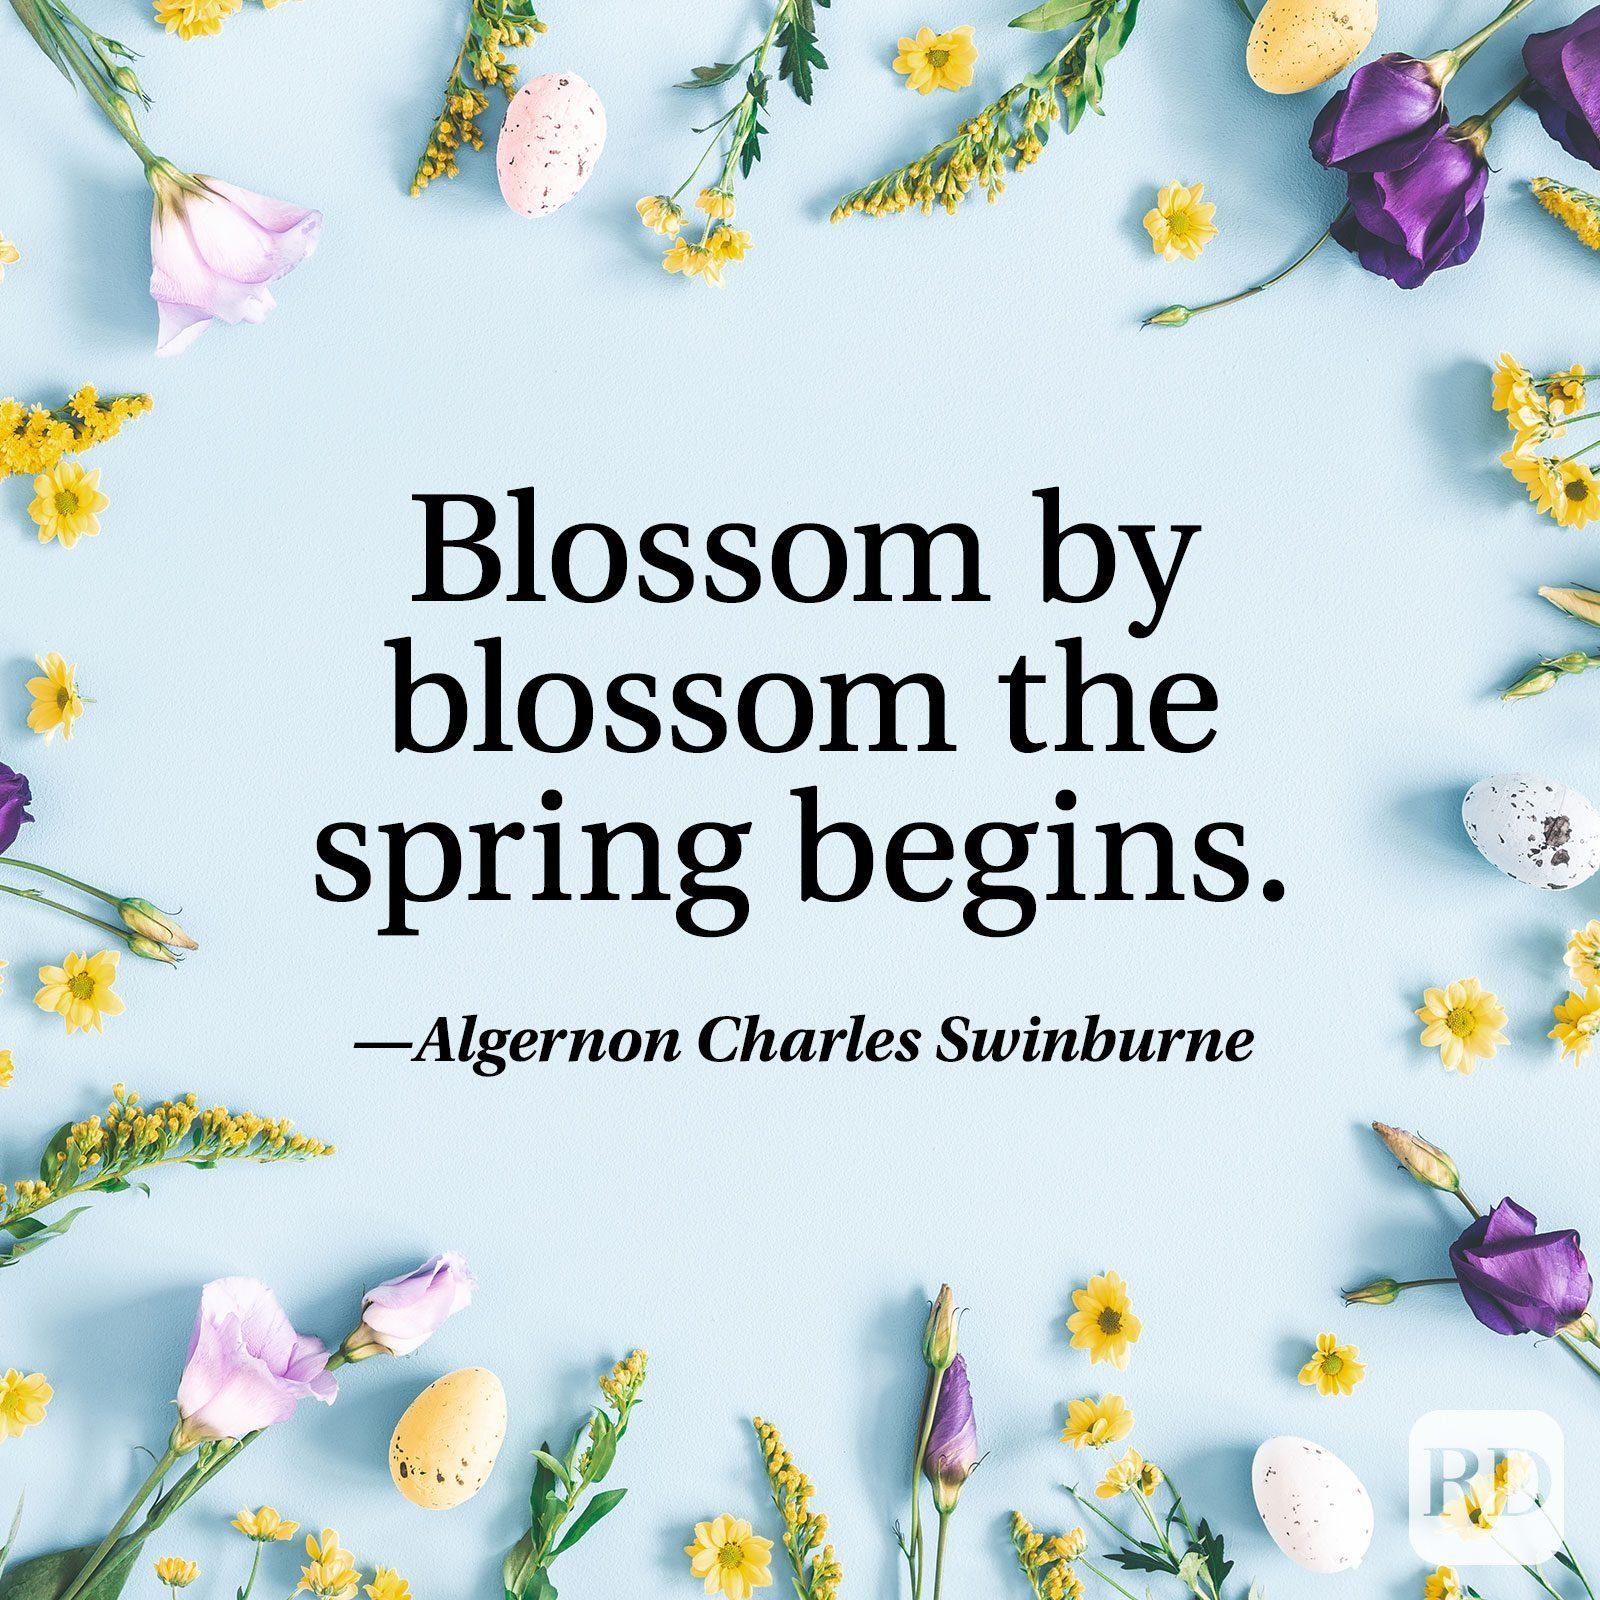 """""""Blossom by blossom the spring begins."""" — Algernon Charles Swinburne"""